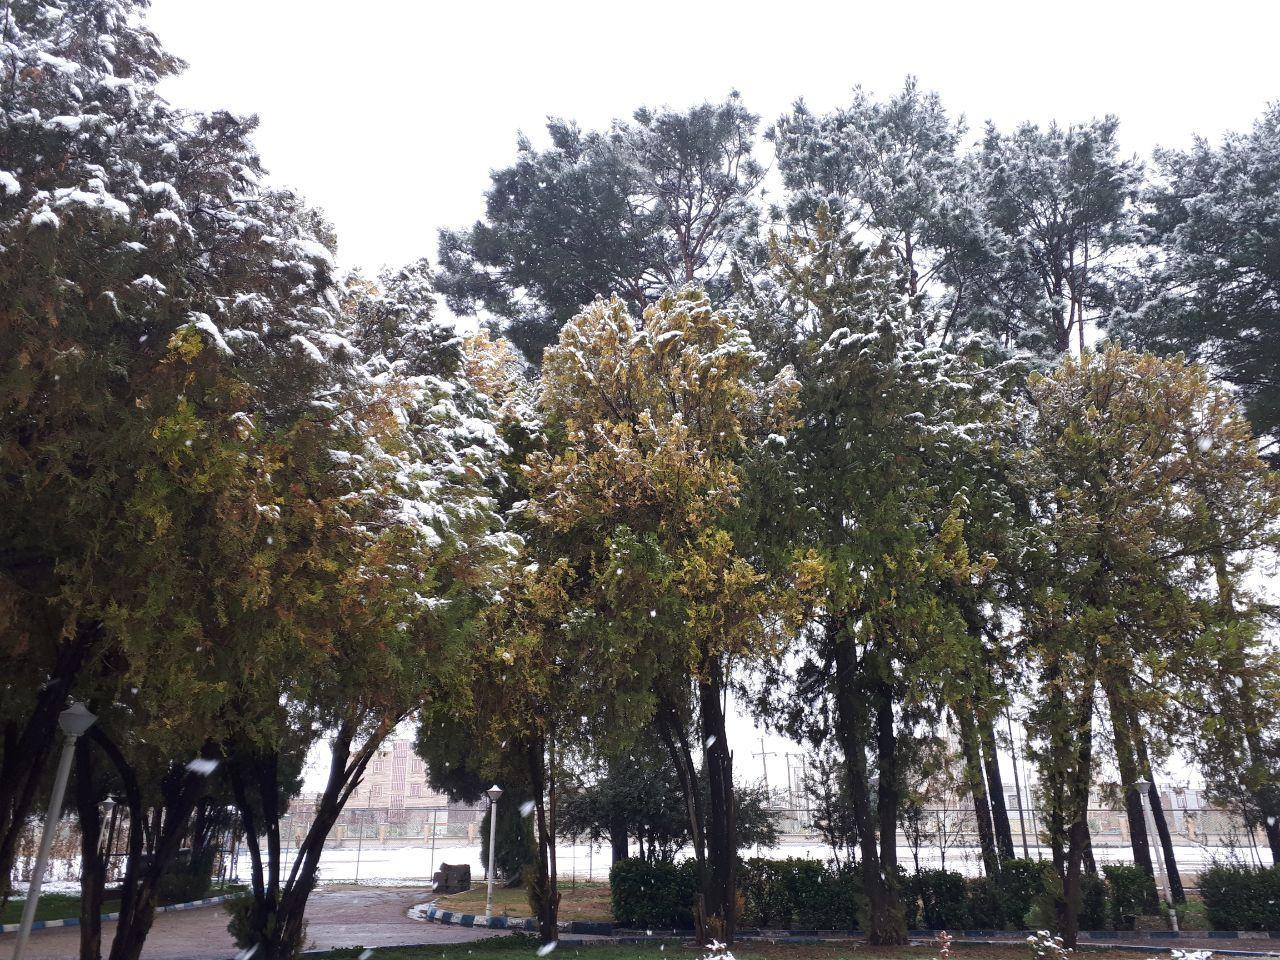 بارش برف و تلاقی بهار و زمستان در خرم آباد